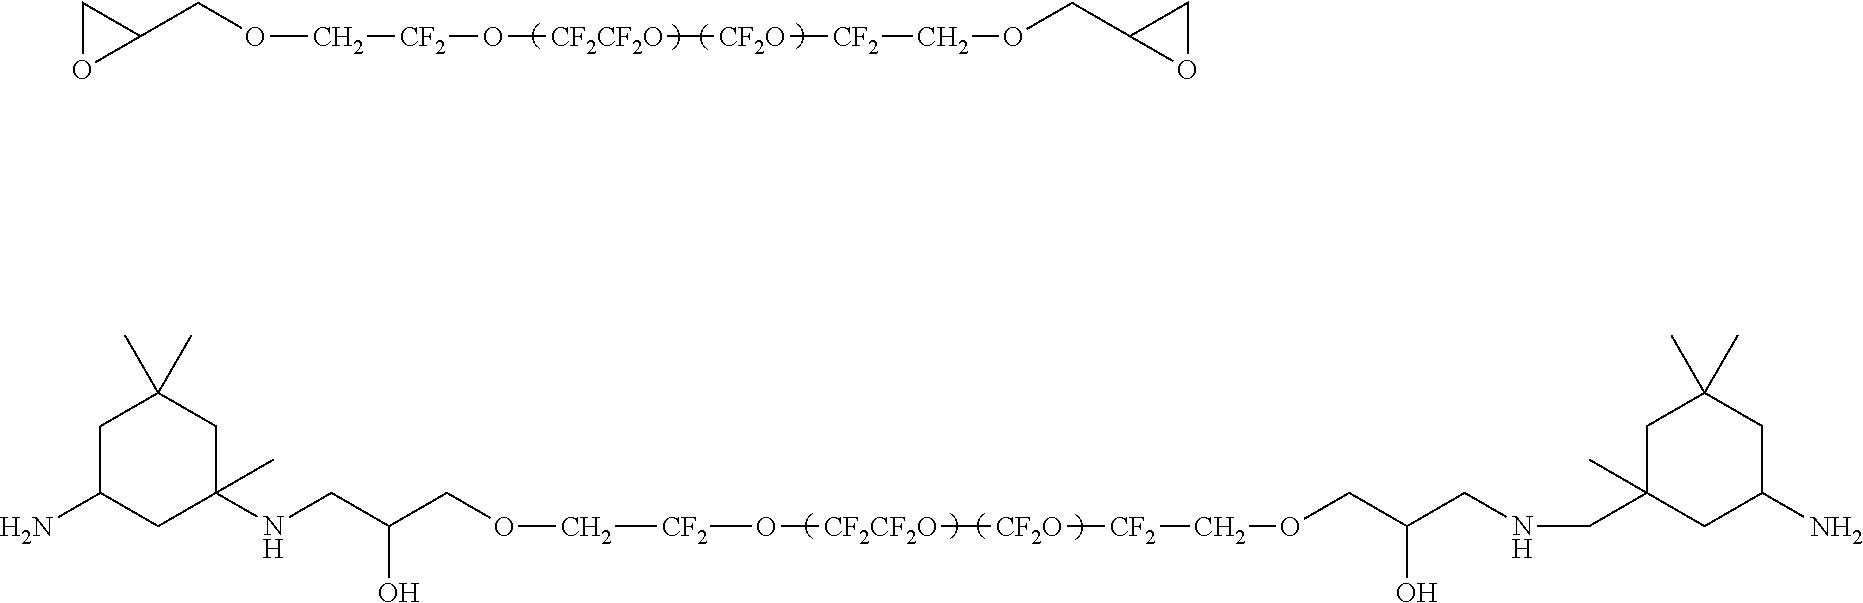 Figure US08945441-20150203-C00038